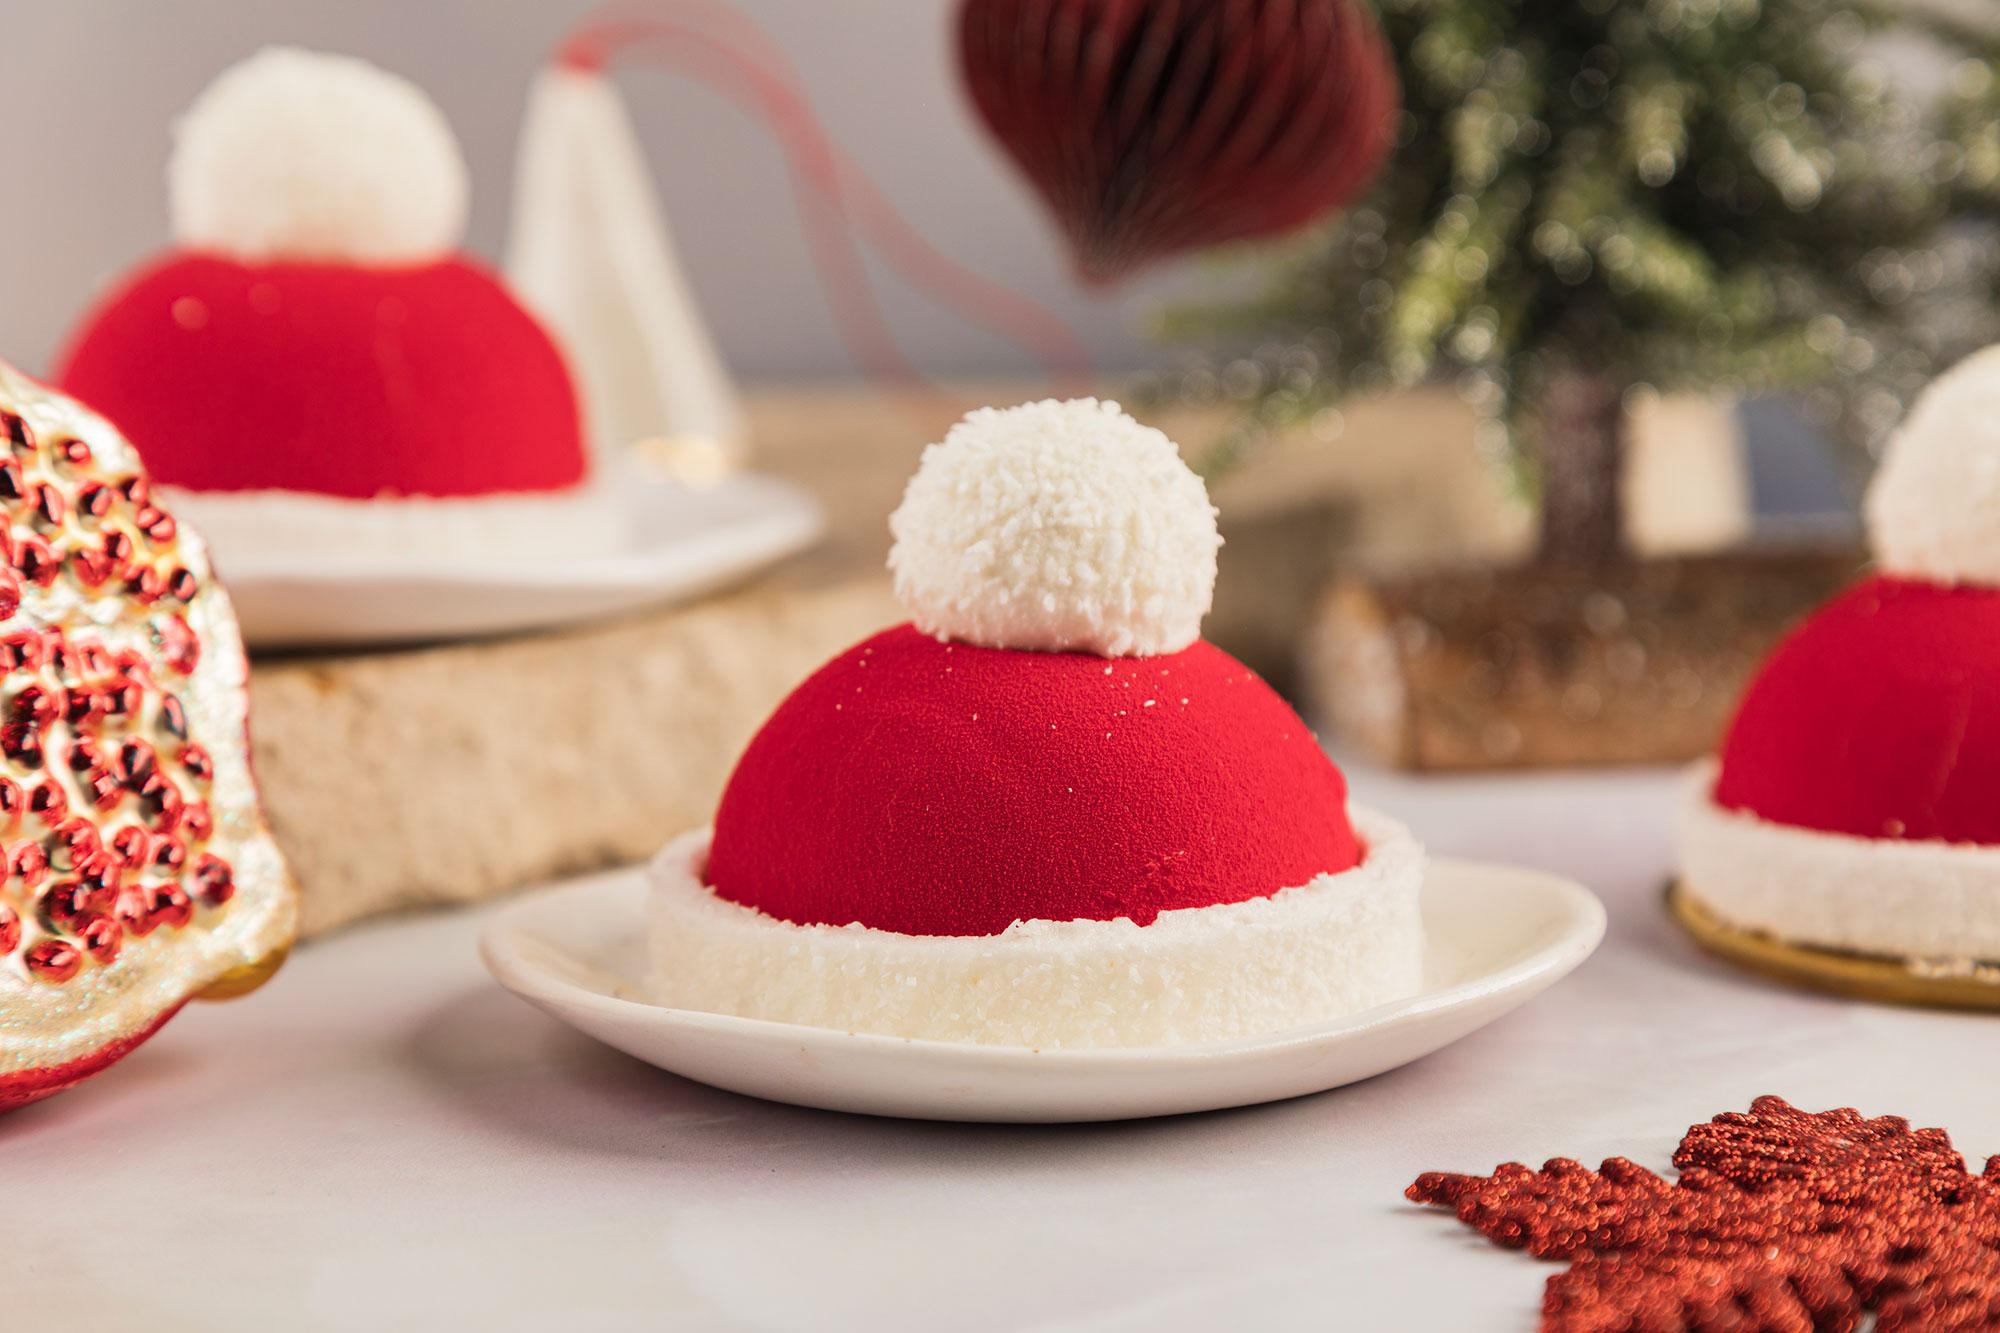 Santa Cap, ciastka DESEO, świąteczna ciastka DESEO